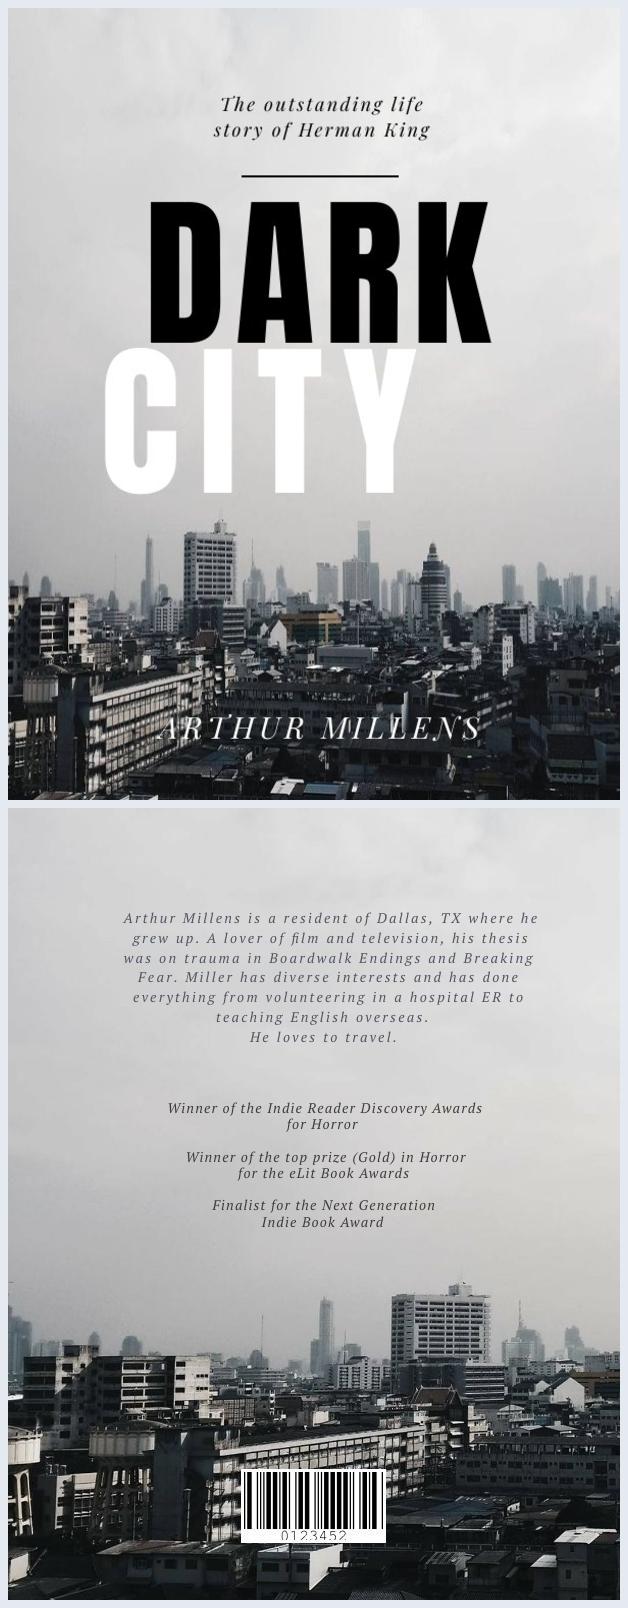 Design de couverture de livre horizon de ville